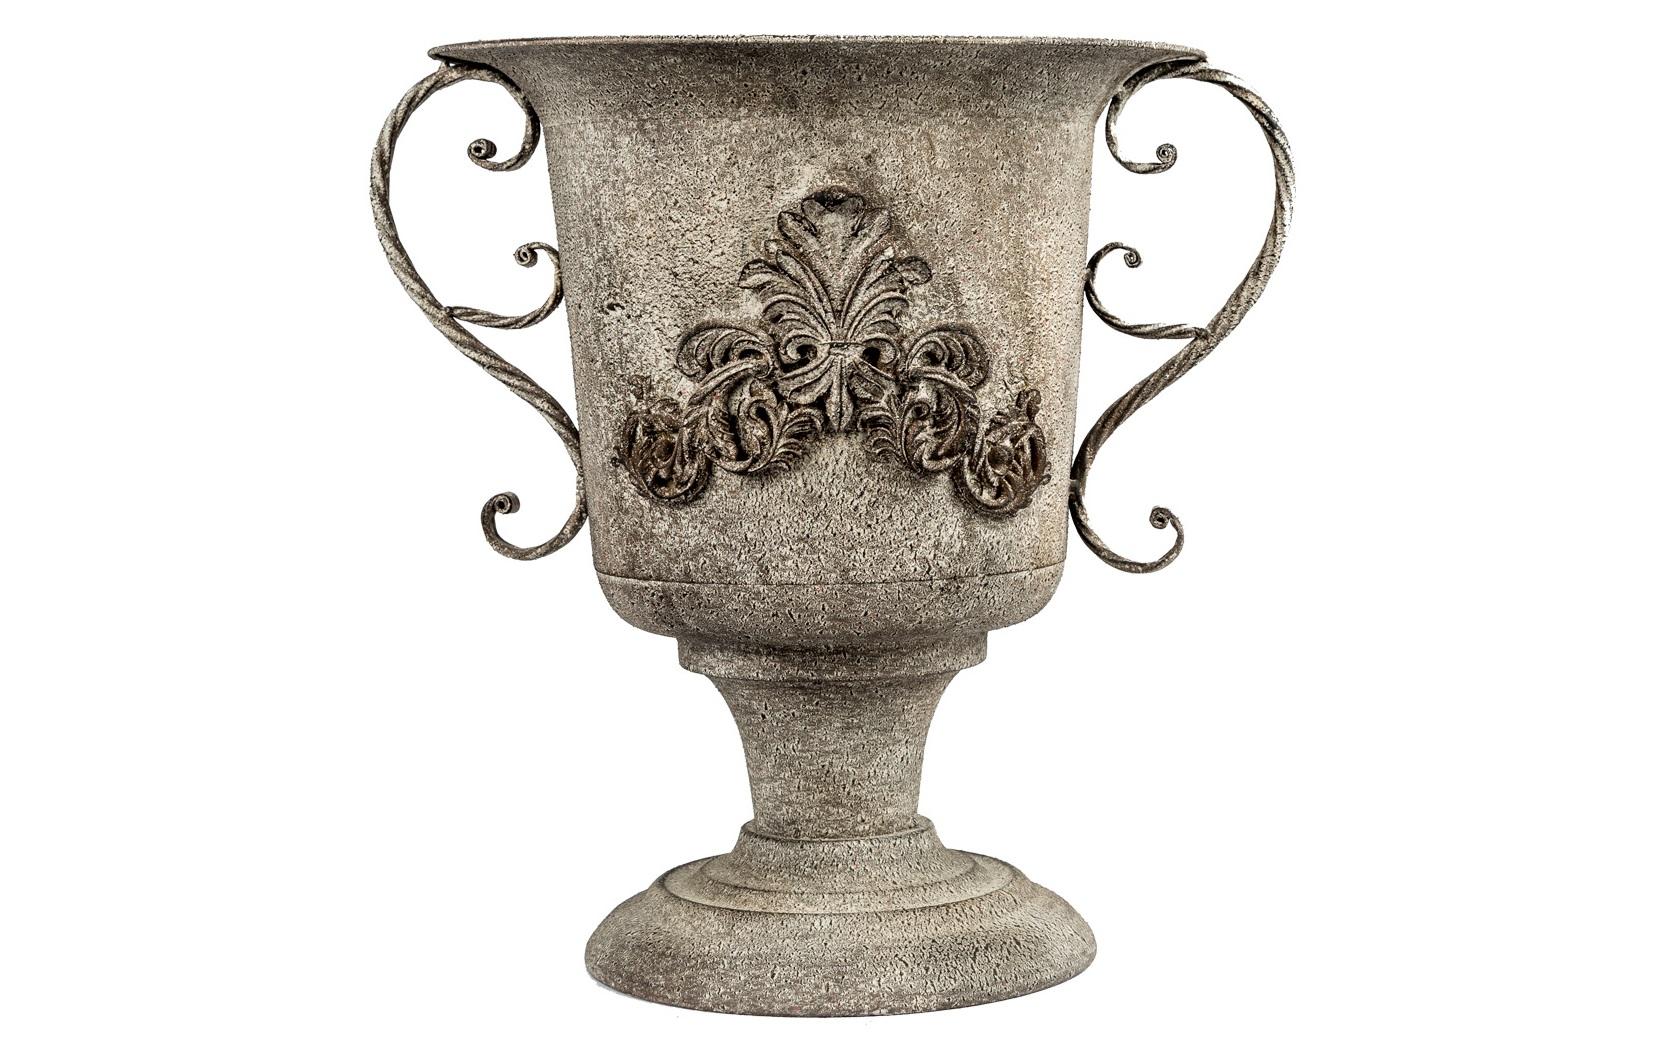 Ваза-кашпо «Модена»Кашпо и подставки для дачи и сада<br>Ваза &amp;quot;Модена&amp;quot; - образец романского благородства, симпатизирующий французской и греческой классике. Благодаря оптимальной высоте, ваза &amp;quot;Модена&amp;quot; равнозначна для настольного или напольного украшения. Среди городских интерьеров напольный дизайн уместен в гостиной, столовой и спальне. Но особый эффект зонирования ожидает просторные студии и холлы. В любом расположении она непременного станет центром интерьерного внимания. Классика - не дополнение, а законодатель любой планировки.<br><br>Material: Металл<br>Height см: 39.5<br>Diameter см: 33.5